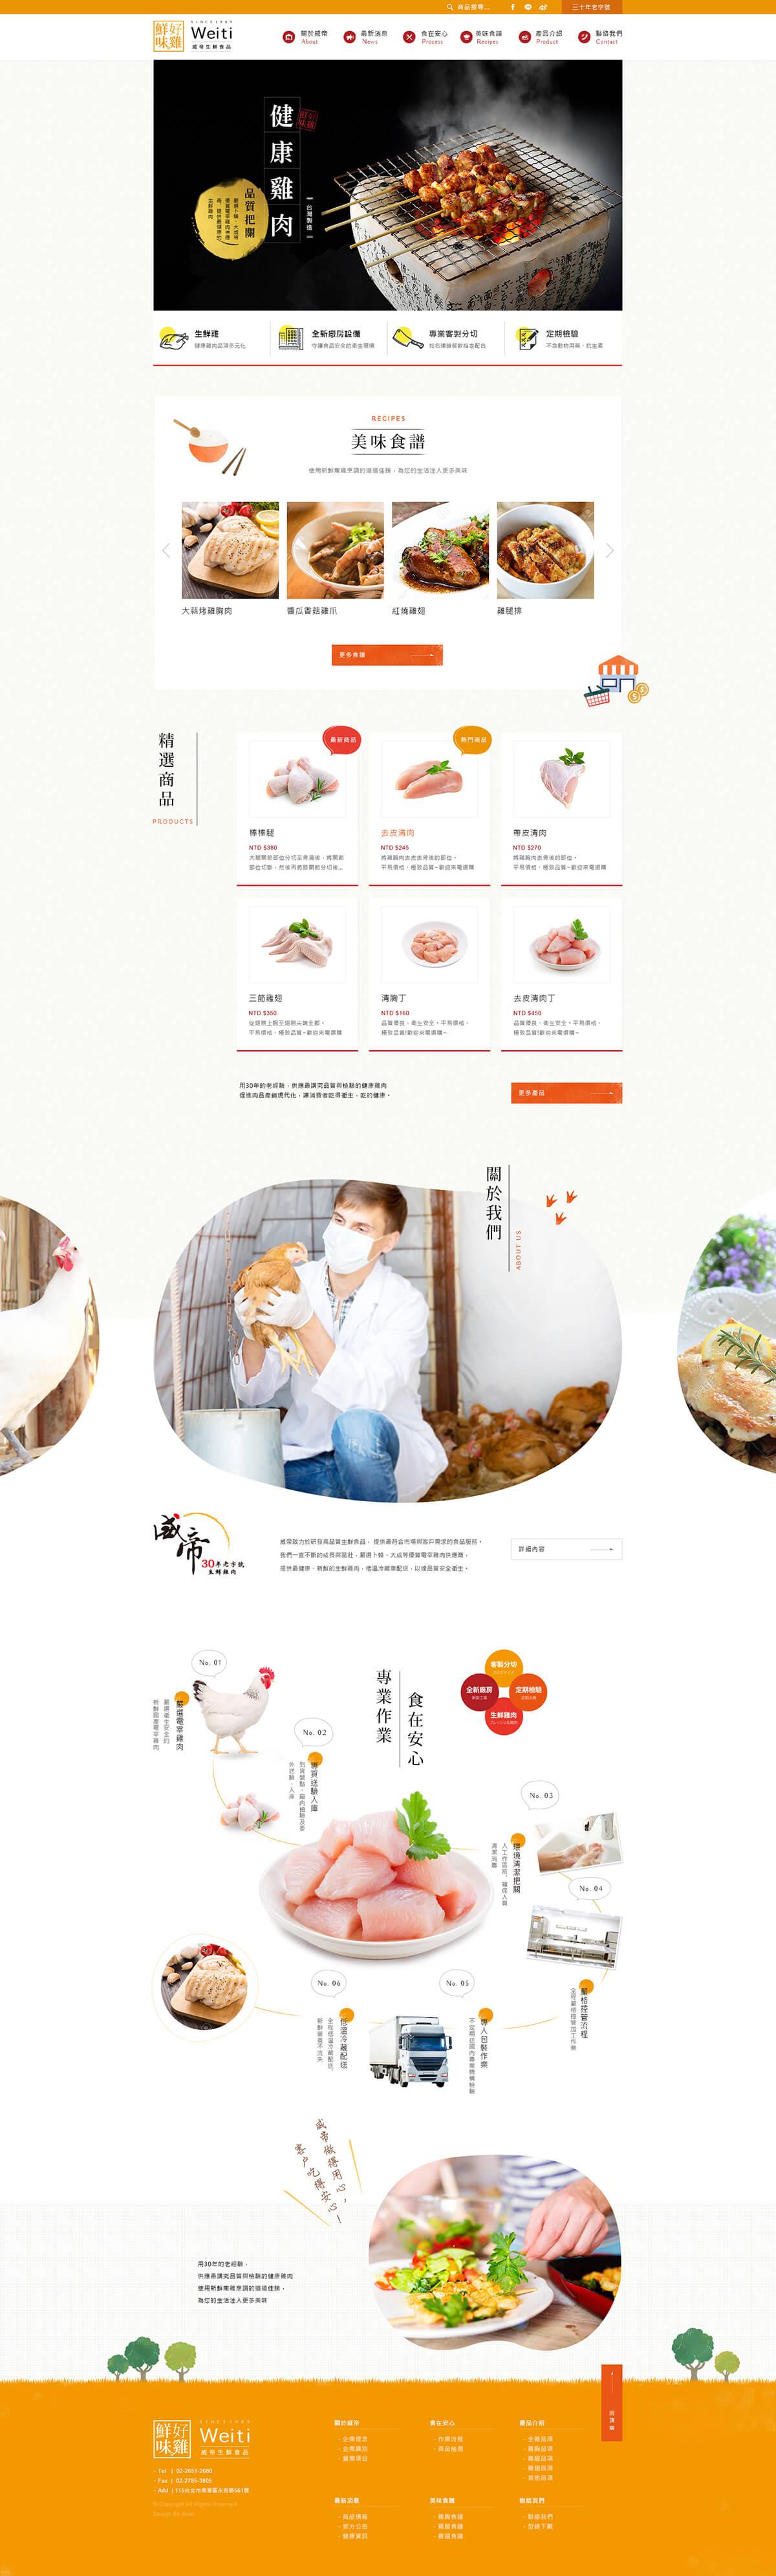 威帝生鮮食品-網頁設計